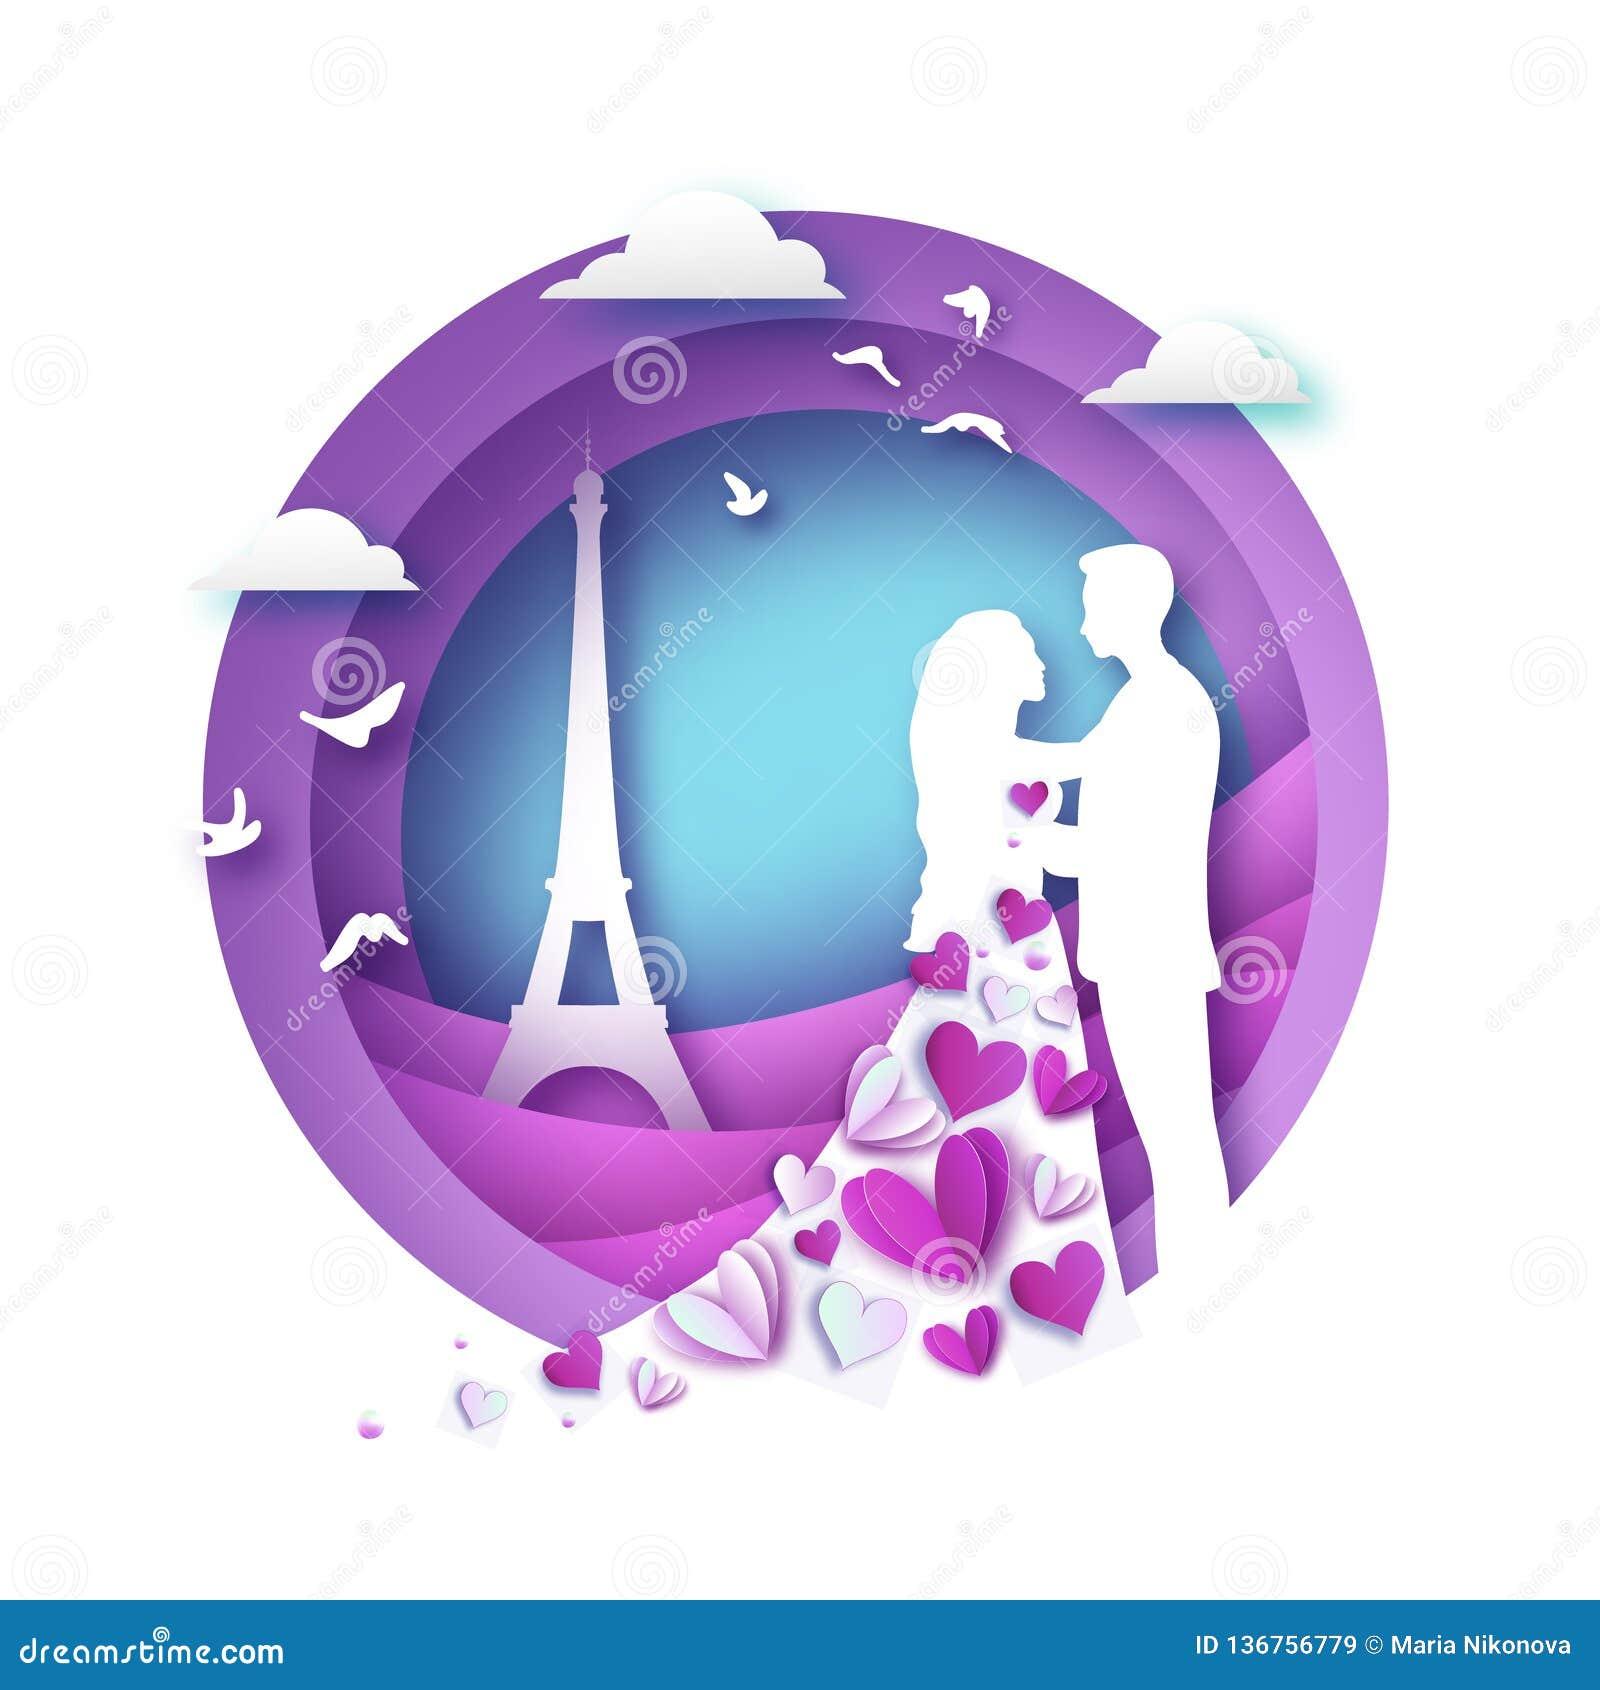 Origami Tutorial : Eiffel Tower #PrayForParis   Origami Tutorials ...   1689x1600